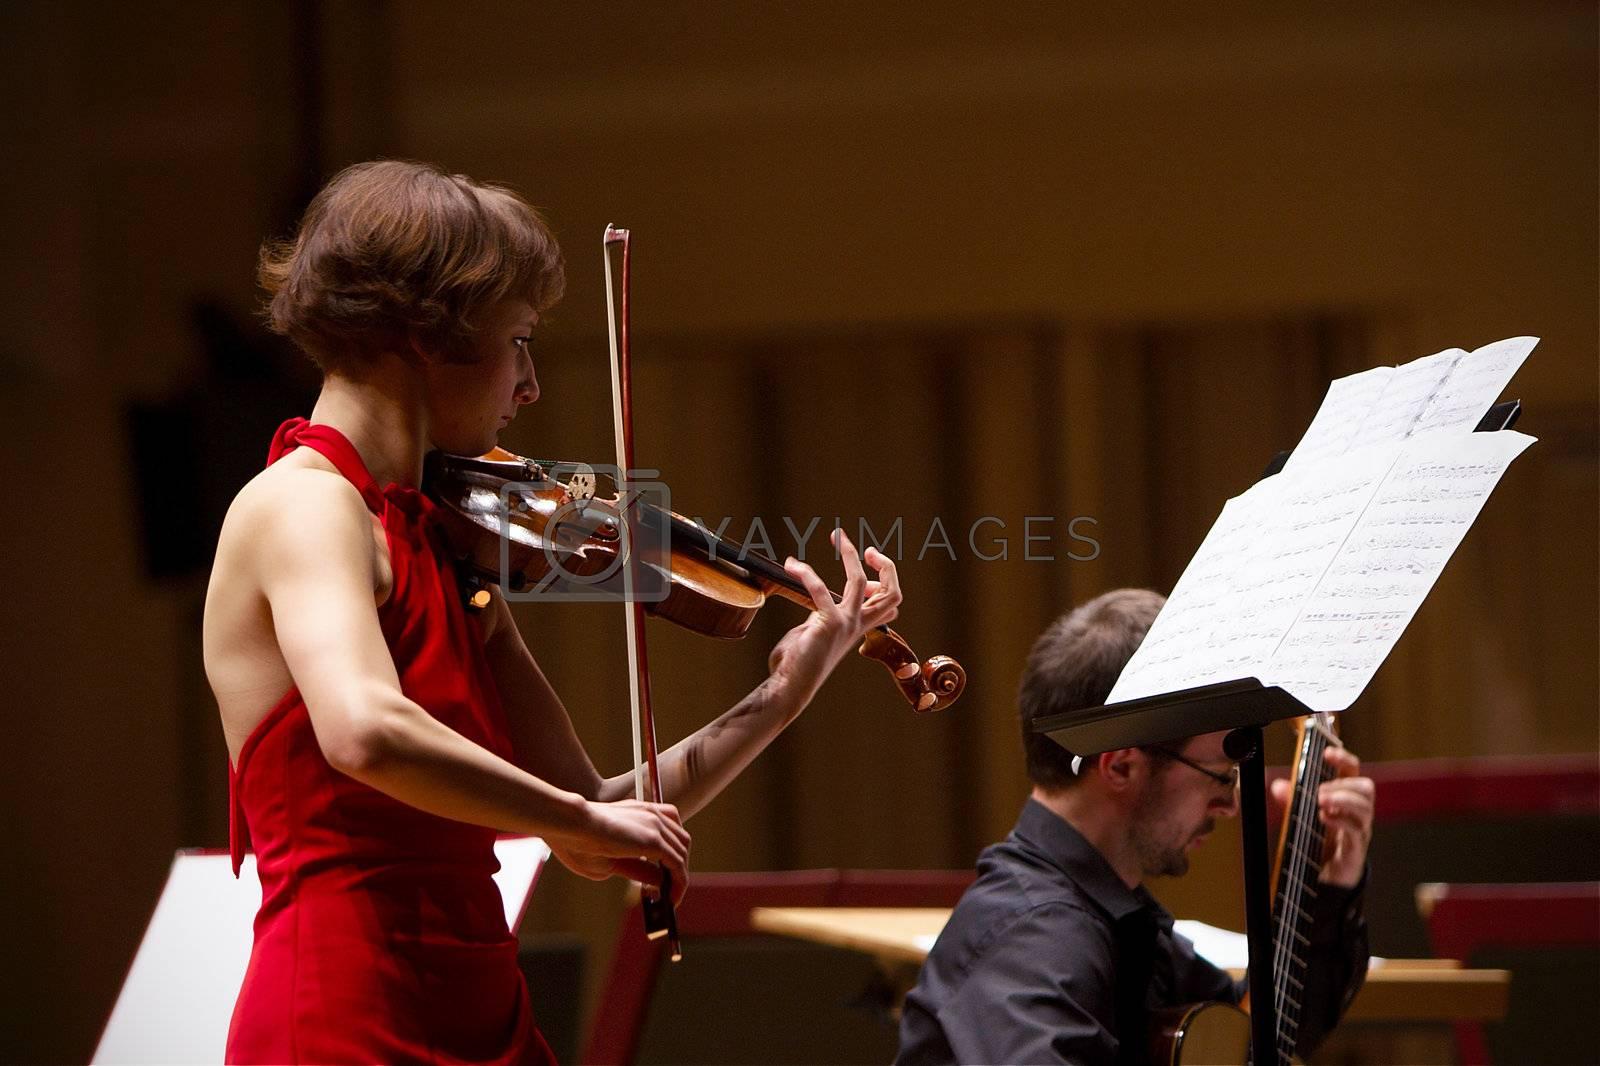 27.01.2012 Gorzow Wielkopolski.  Anna Maria Staskiewicz - violin. Playing Astor Piazzola - El Tango.